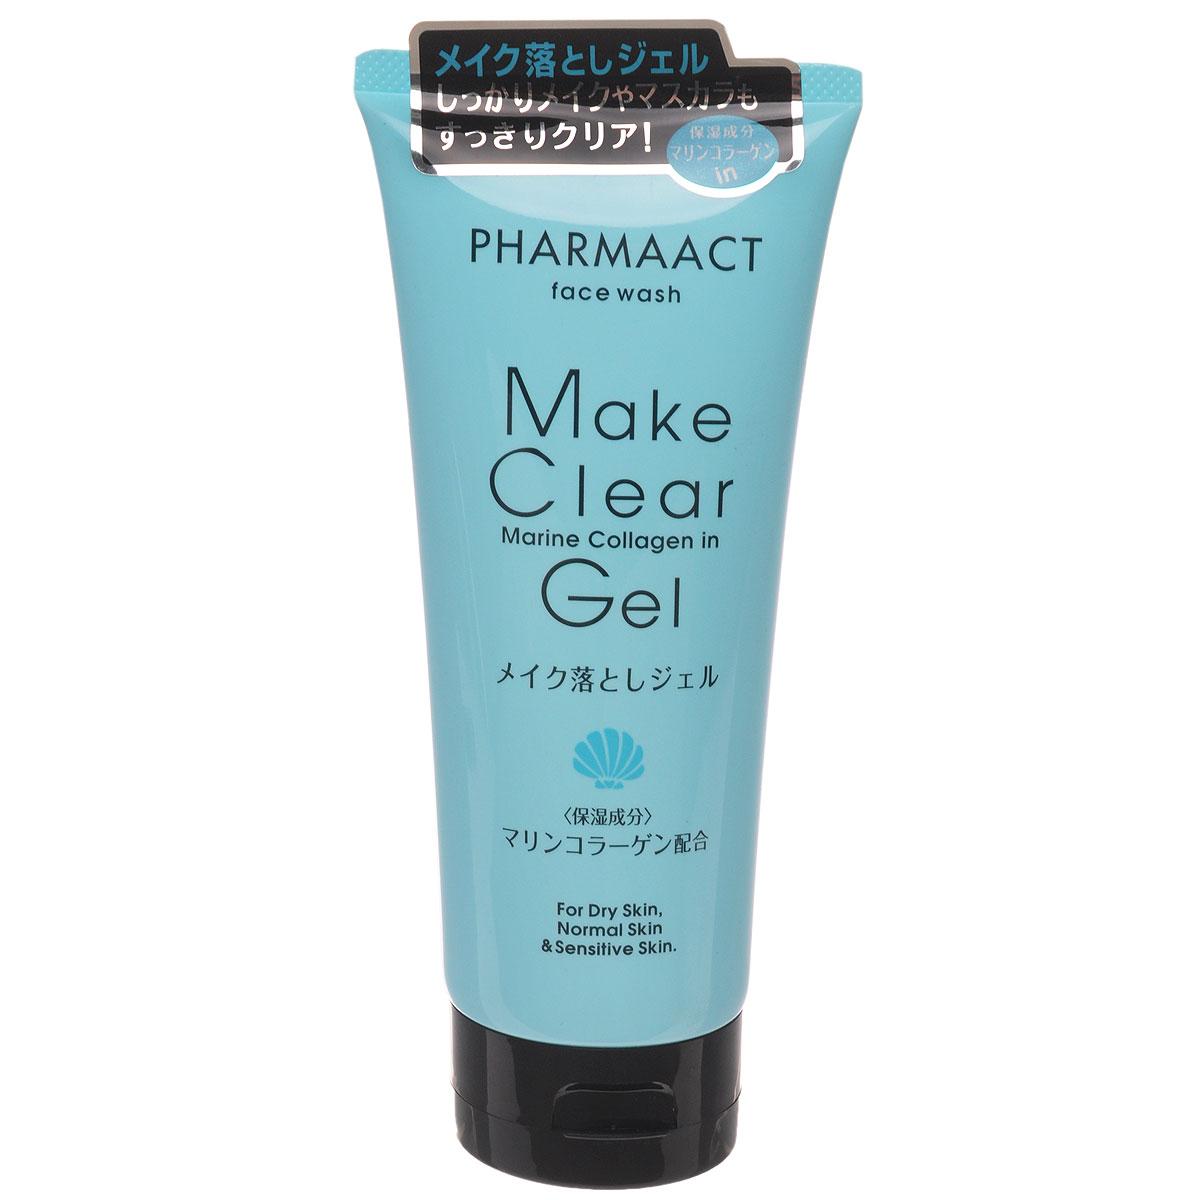 Гель Kumano Pharmaact для снятия макияжа, для нормальной, сухой и чувствительной кожи, 200 г012899Гель Kumano Pharmaact для снятия макияжа с морским коллагеном подходит для нормальной, сухой и чувствительной кожи. Хорошо удаляет макияж и тушь. Входящий в состав морской коллаген увлажняет кожу, оставляя приятное ощущение свежести.Способ применения: выдавите небольшое количество средства на руку, нанесите на влажное лицо, затем тщательно смойте теплой водой. Характеристики:Вес: 200 г. Артикул: KY-51. Производитель: Япония. Товар сертифицирован.